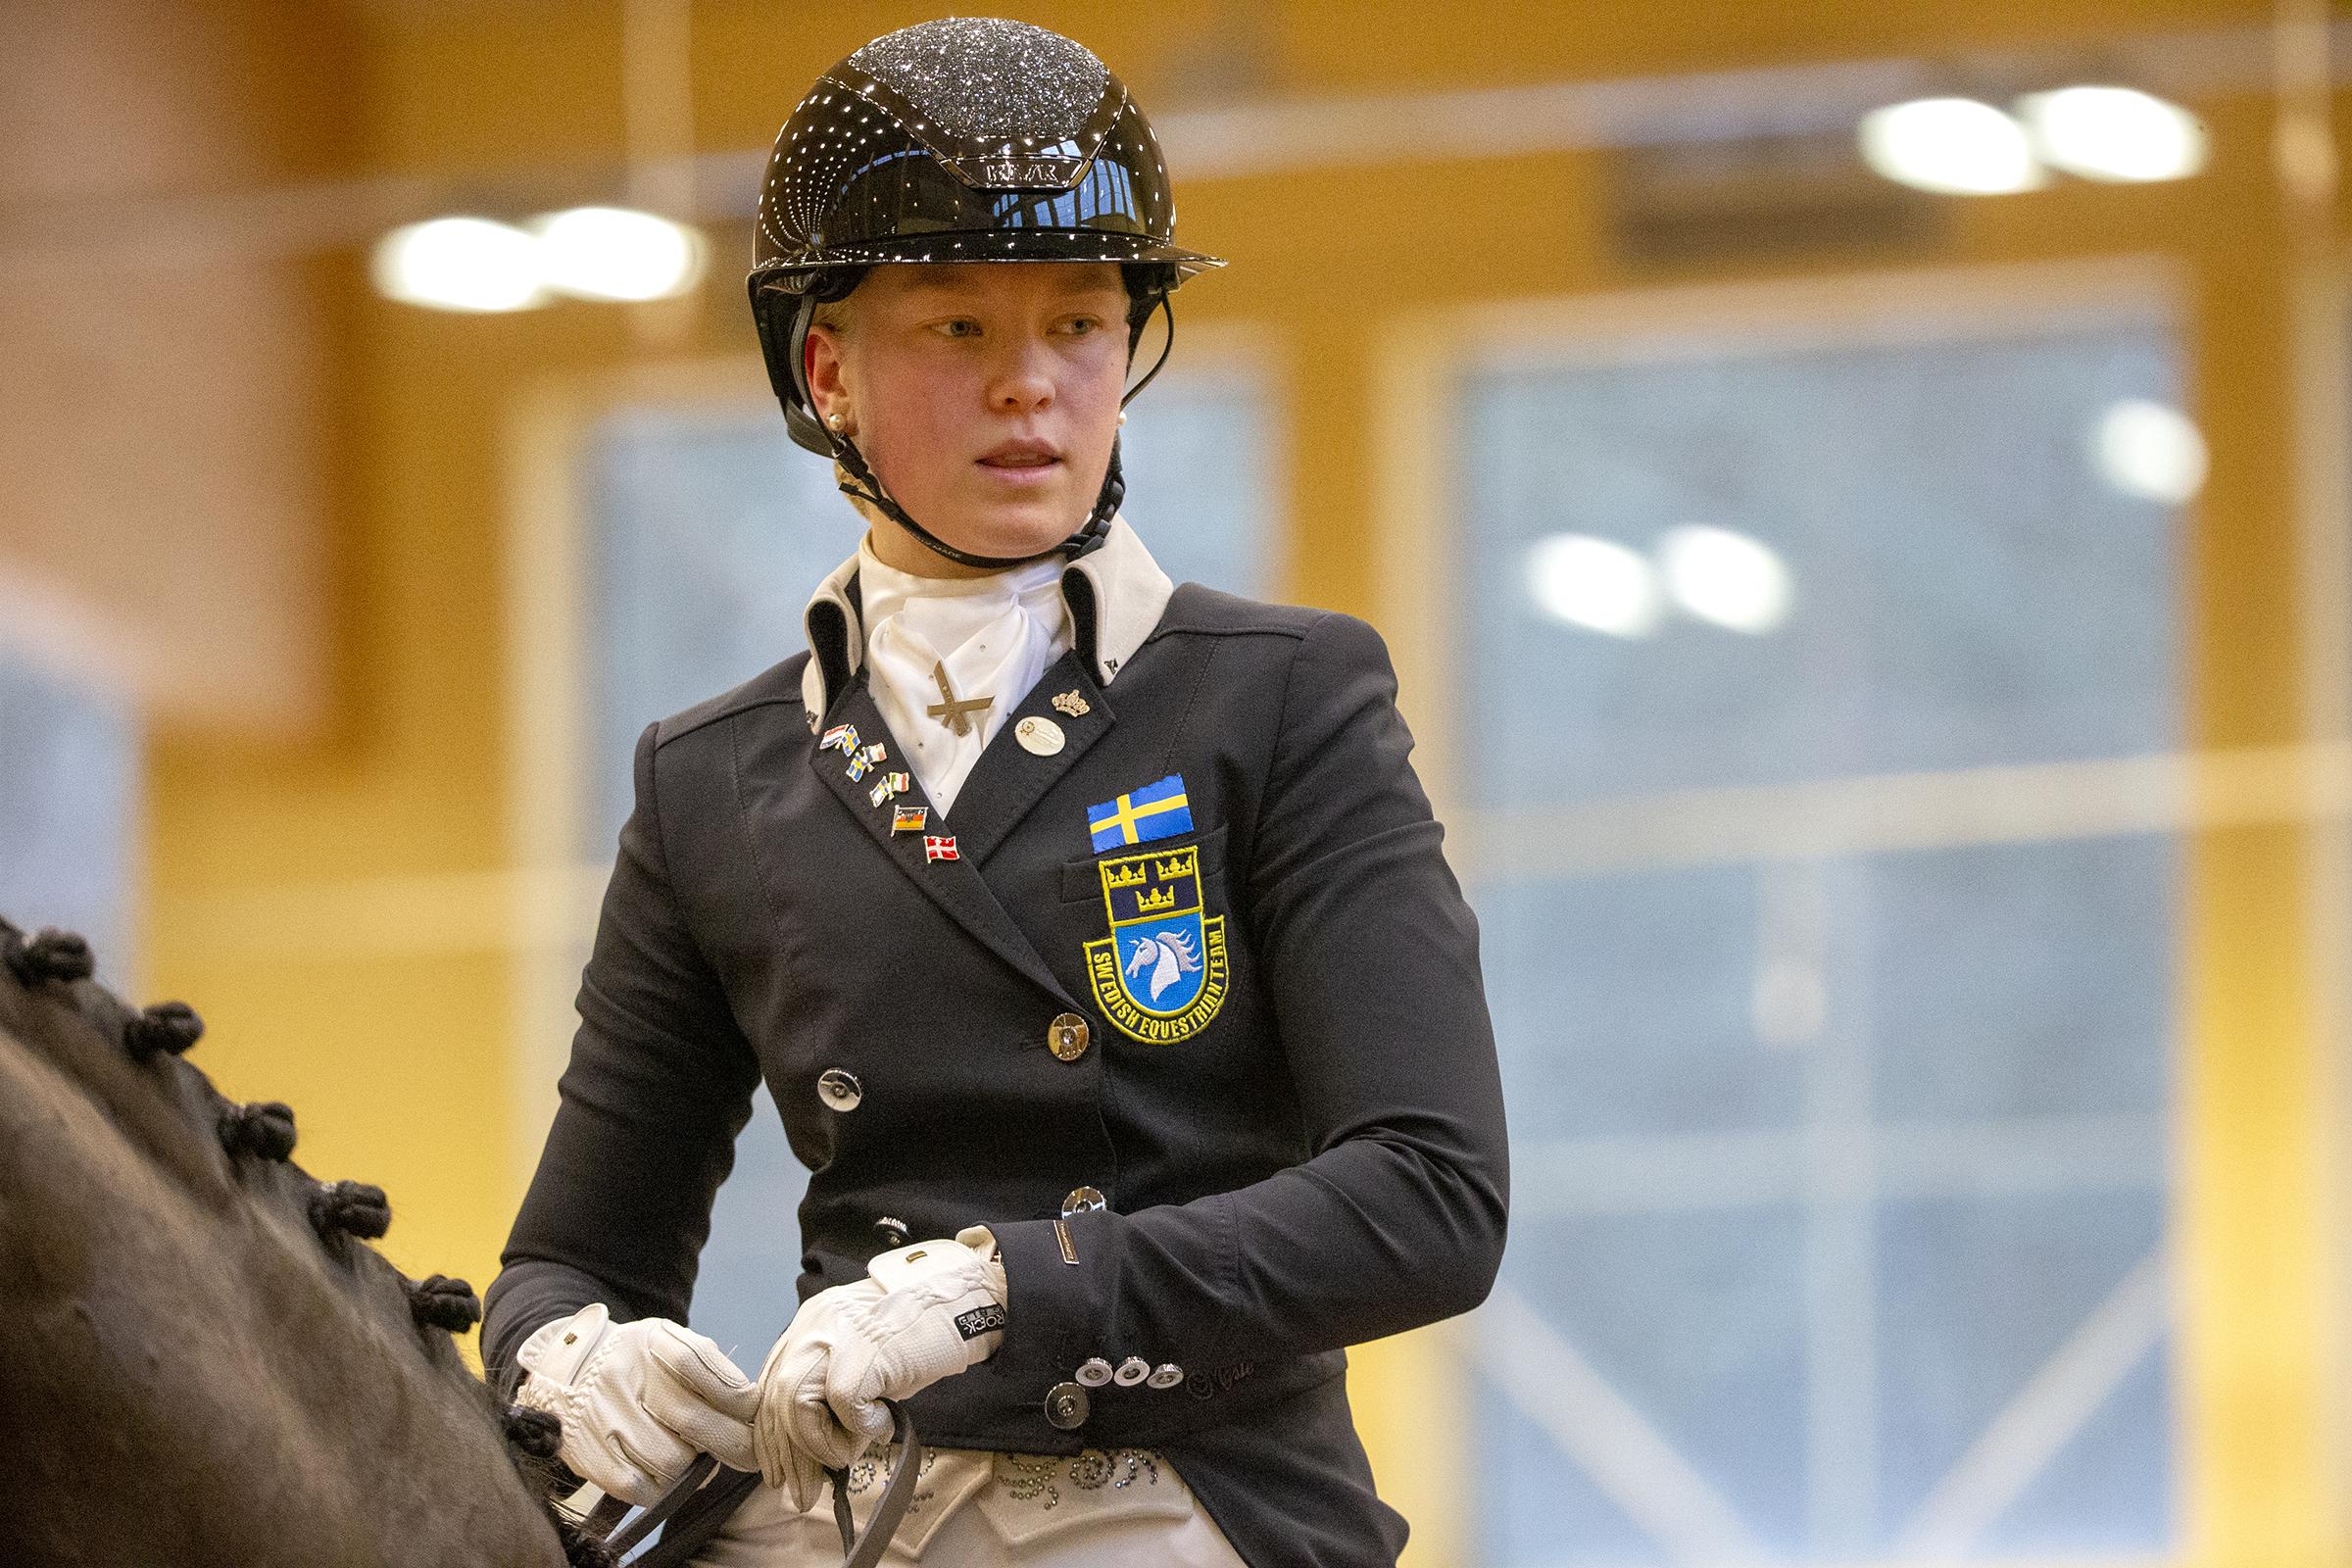 Evelina Söderström 1 201115 Rt